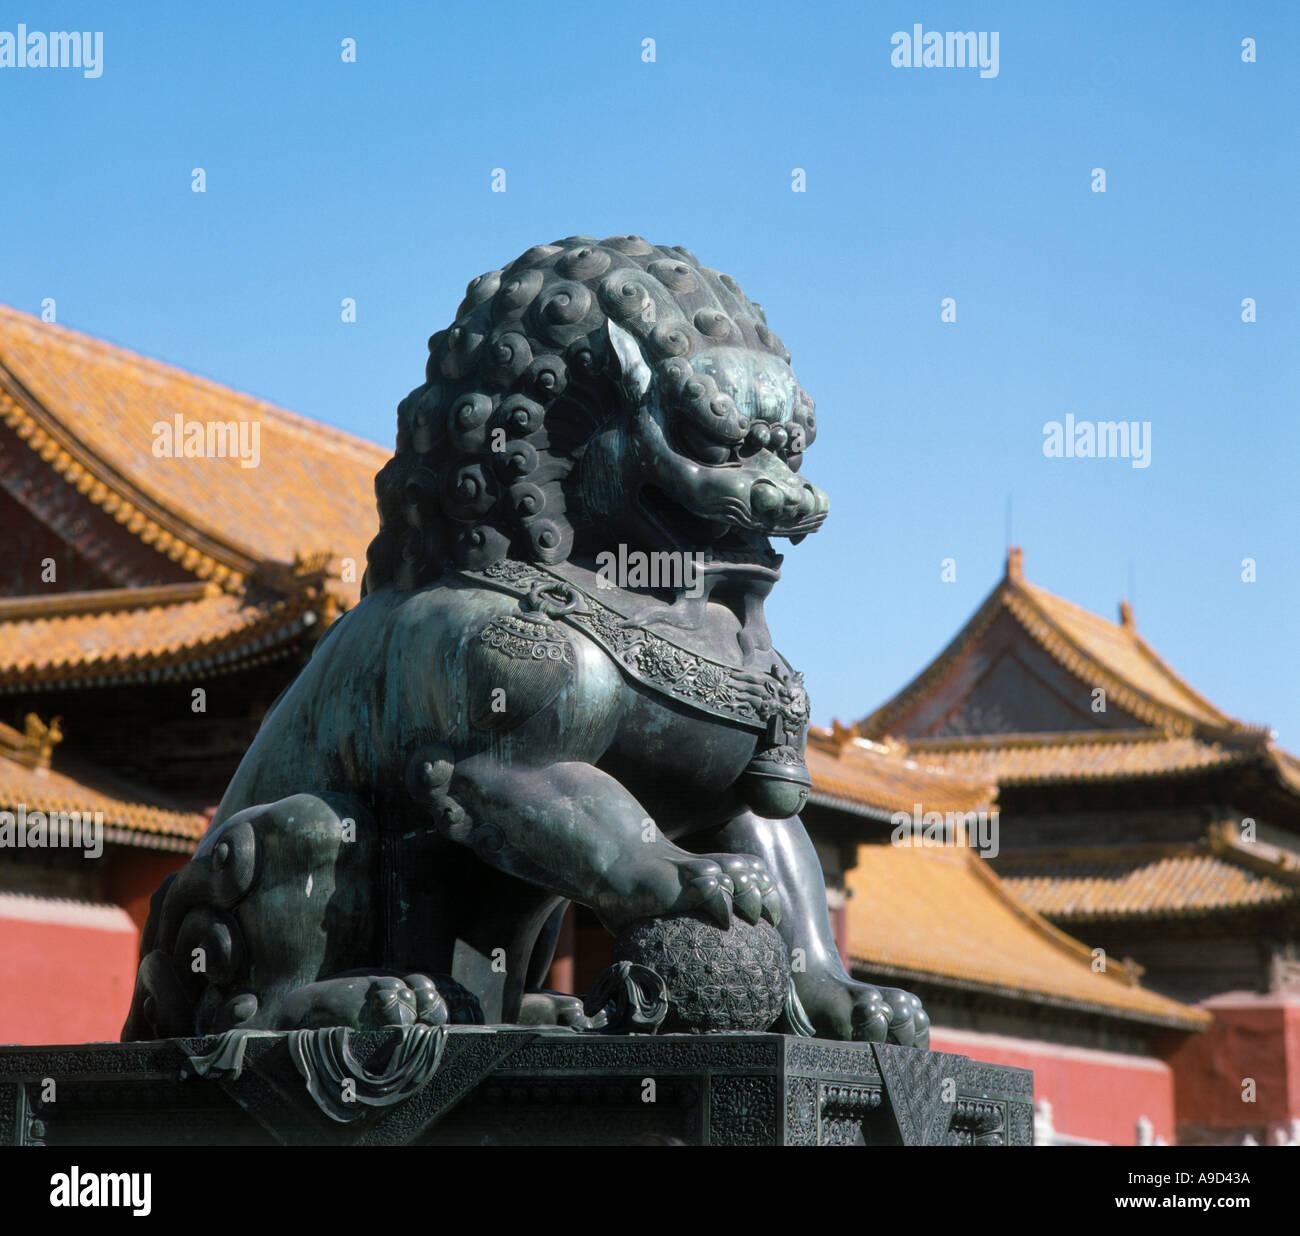 Statue eines bronzenen Löwen, Imperial Palace, Verbotene Stadt, Peking, China Stockbild